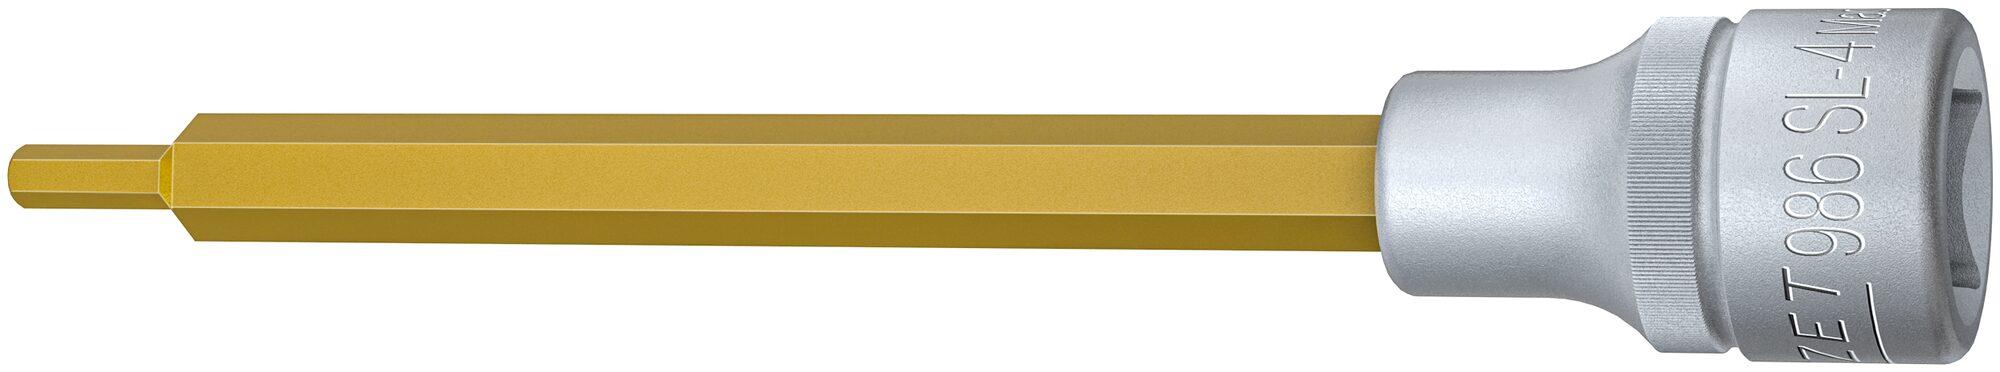 HAZET Schraubendreher-Steckschlüsseleinsatz 986SL-4 ∙ Vierkant hohl 12,5 mm (1/2 Zoll) ∙ Innen-Sechskant Profil ∙ 4 mm